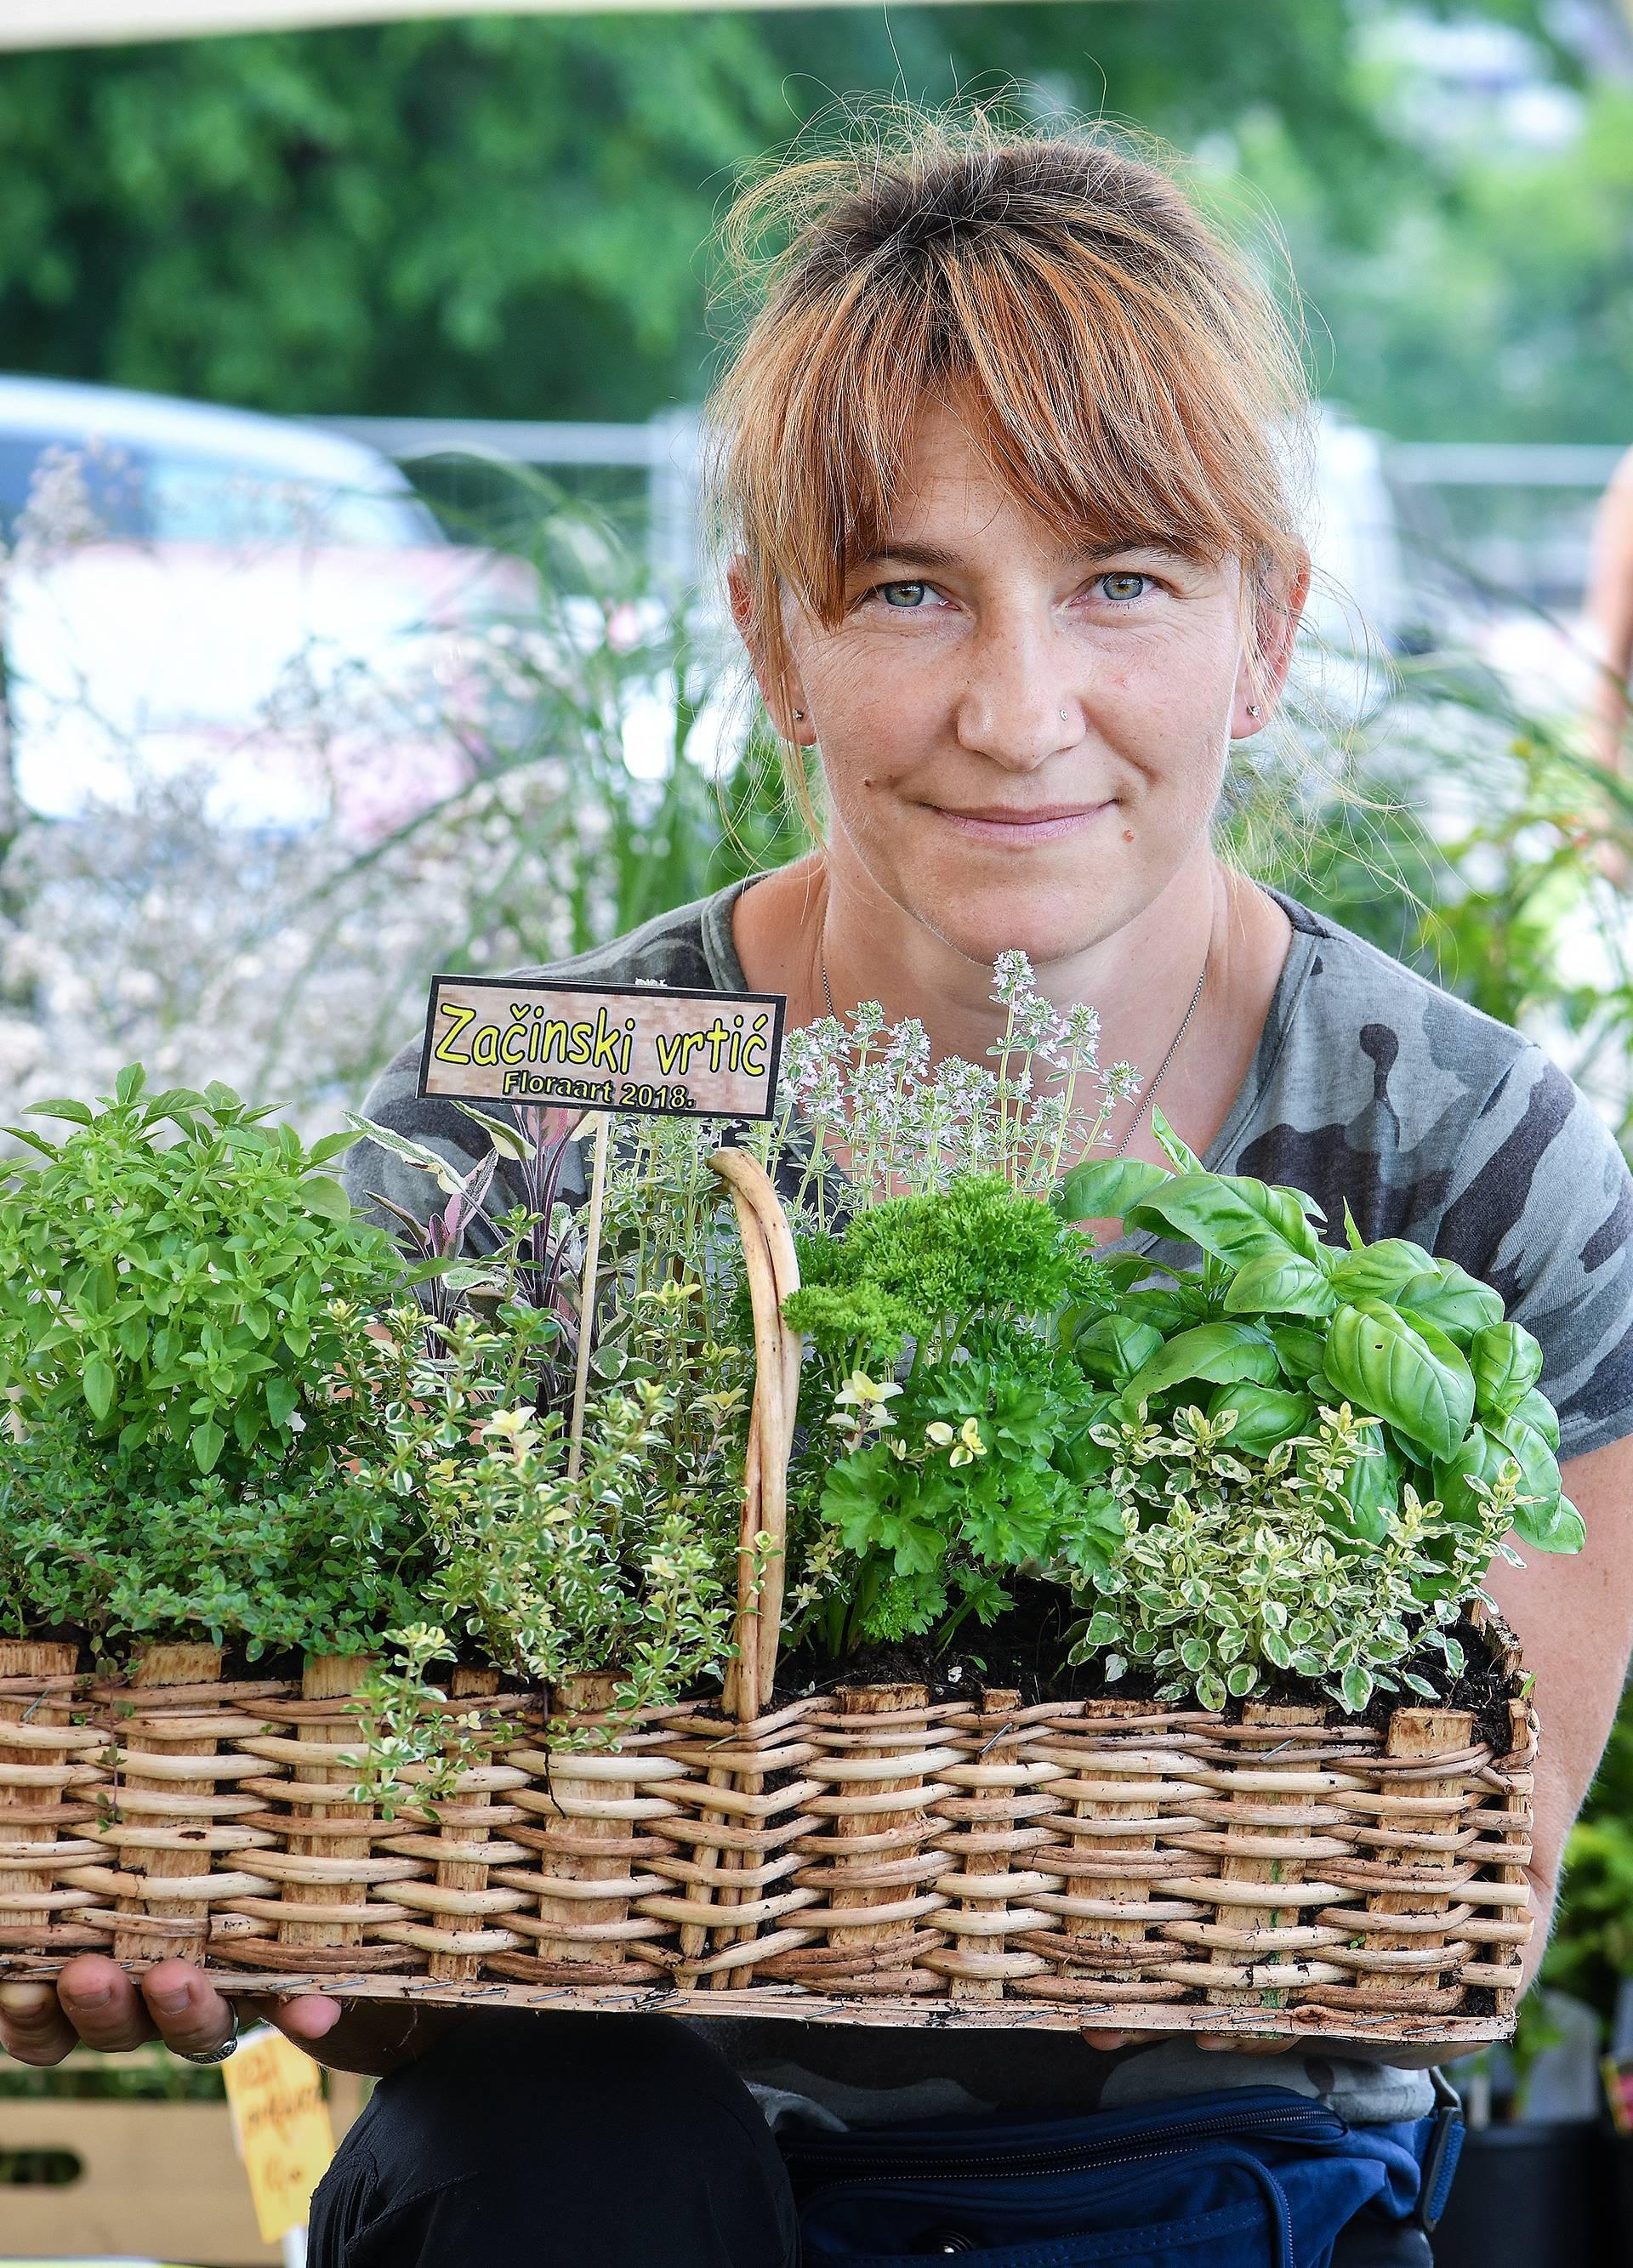 Floraart: Sadnice cvijeća od 2 kune, a za 25 mini vrt u posudi